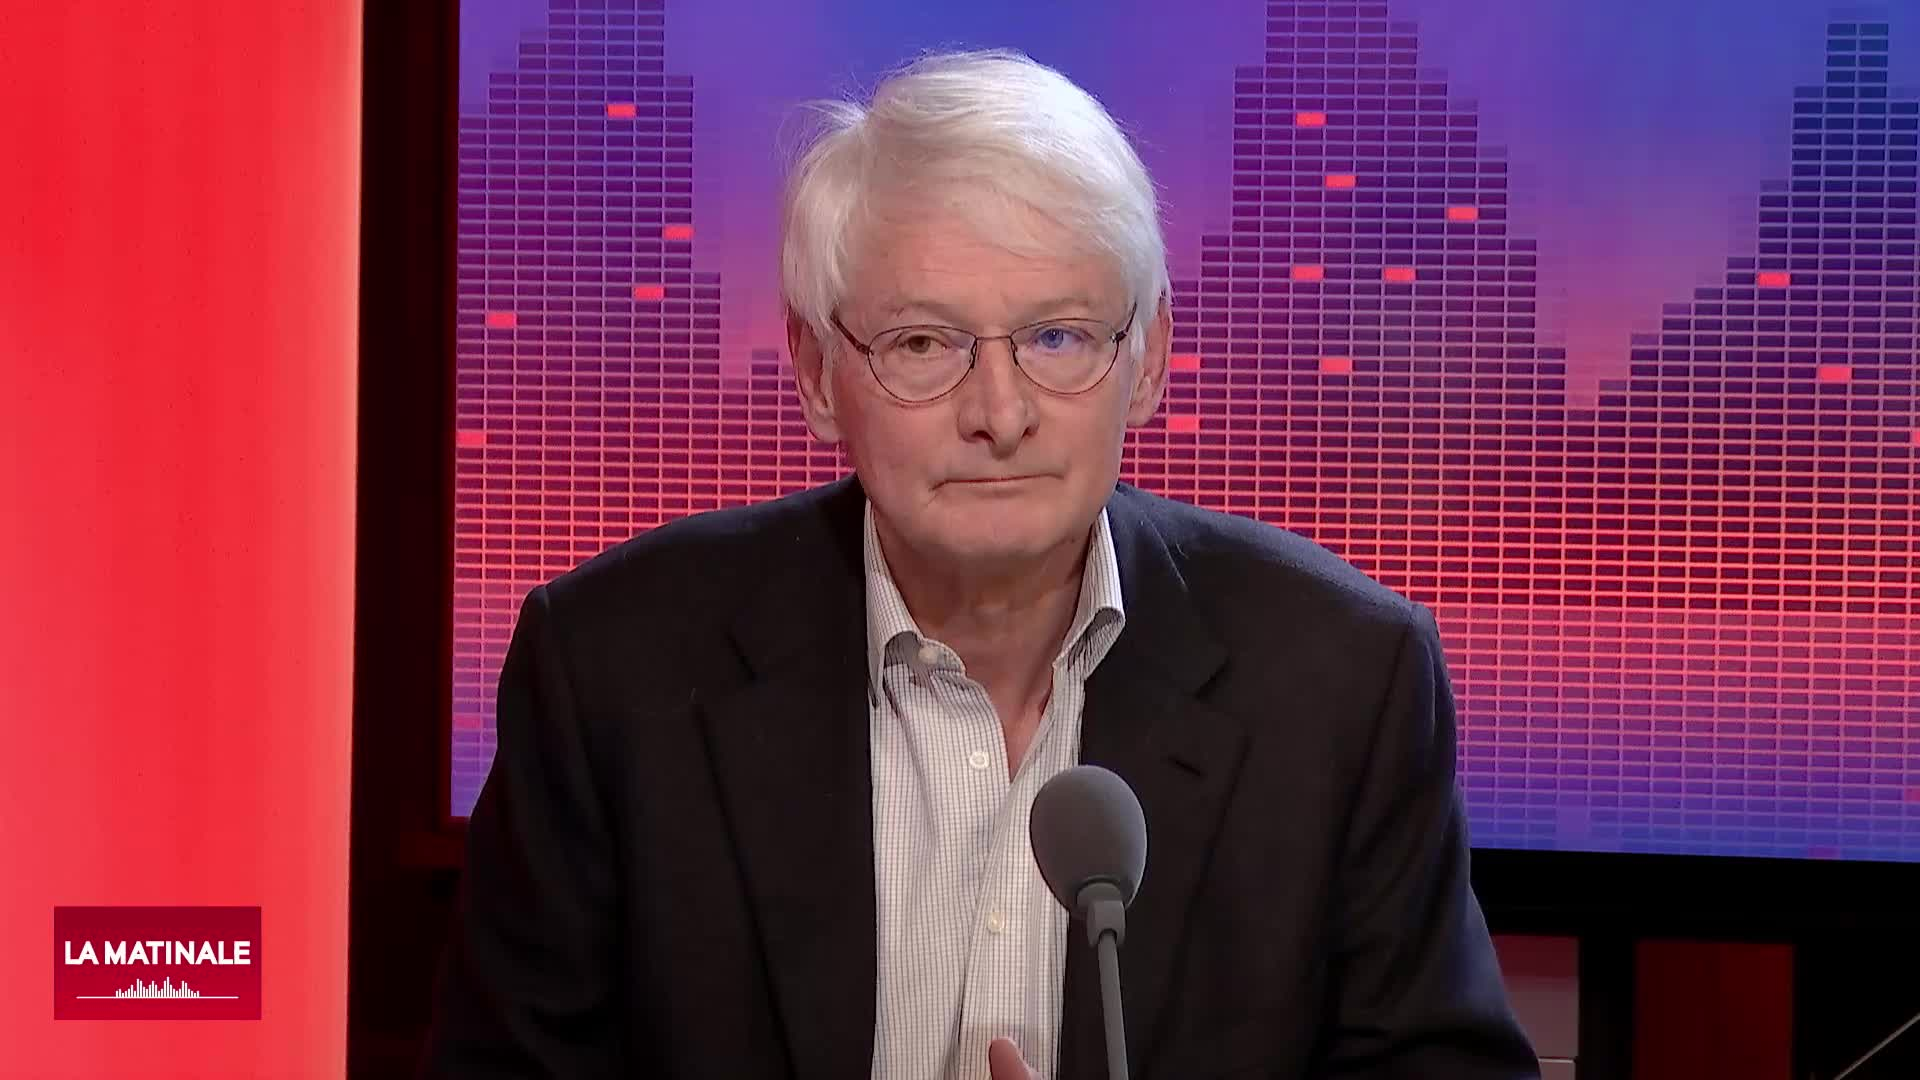 L'invité de La Matinale (vidéo) - Jean-Pierre Danthine, ex-président de la Banque nationale suisse